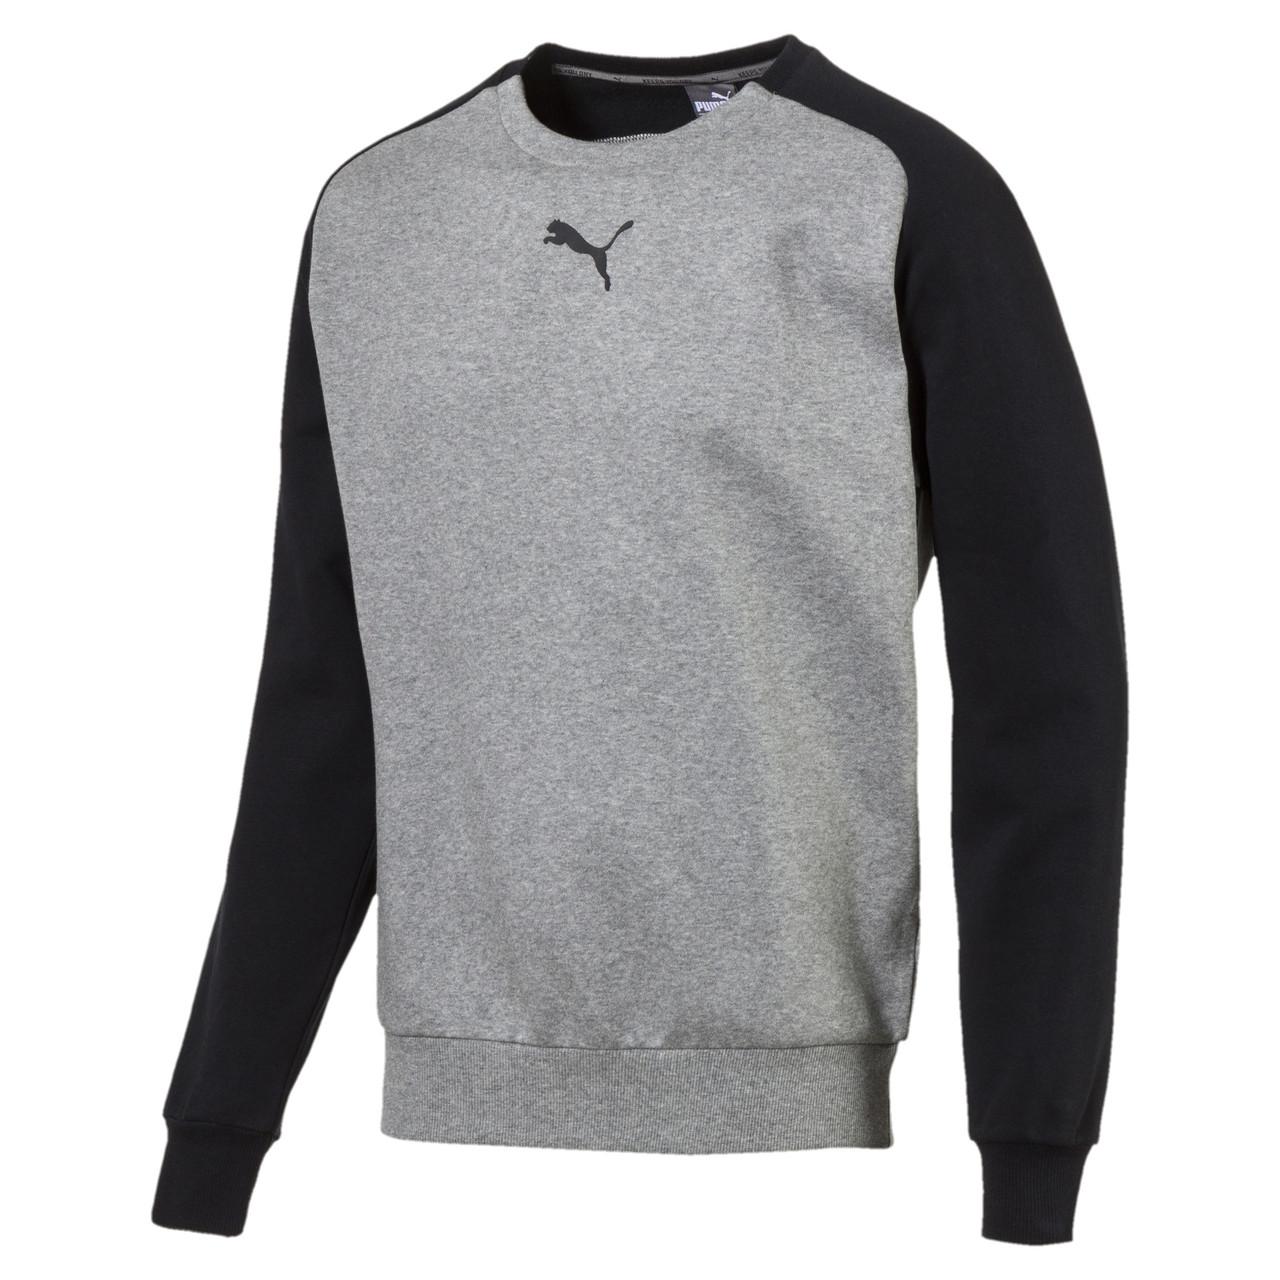 Оригинальная тёплая мужская толстовка Puma Modern Sports Crew